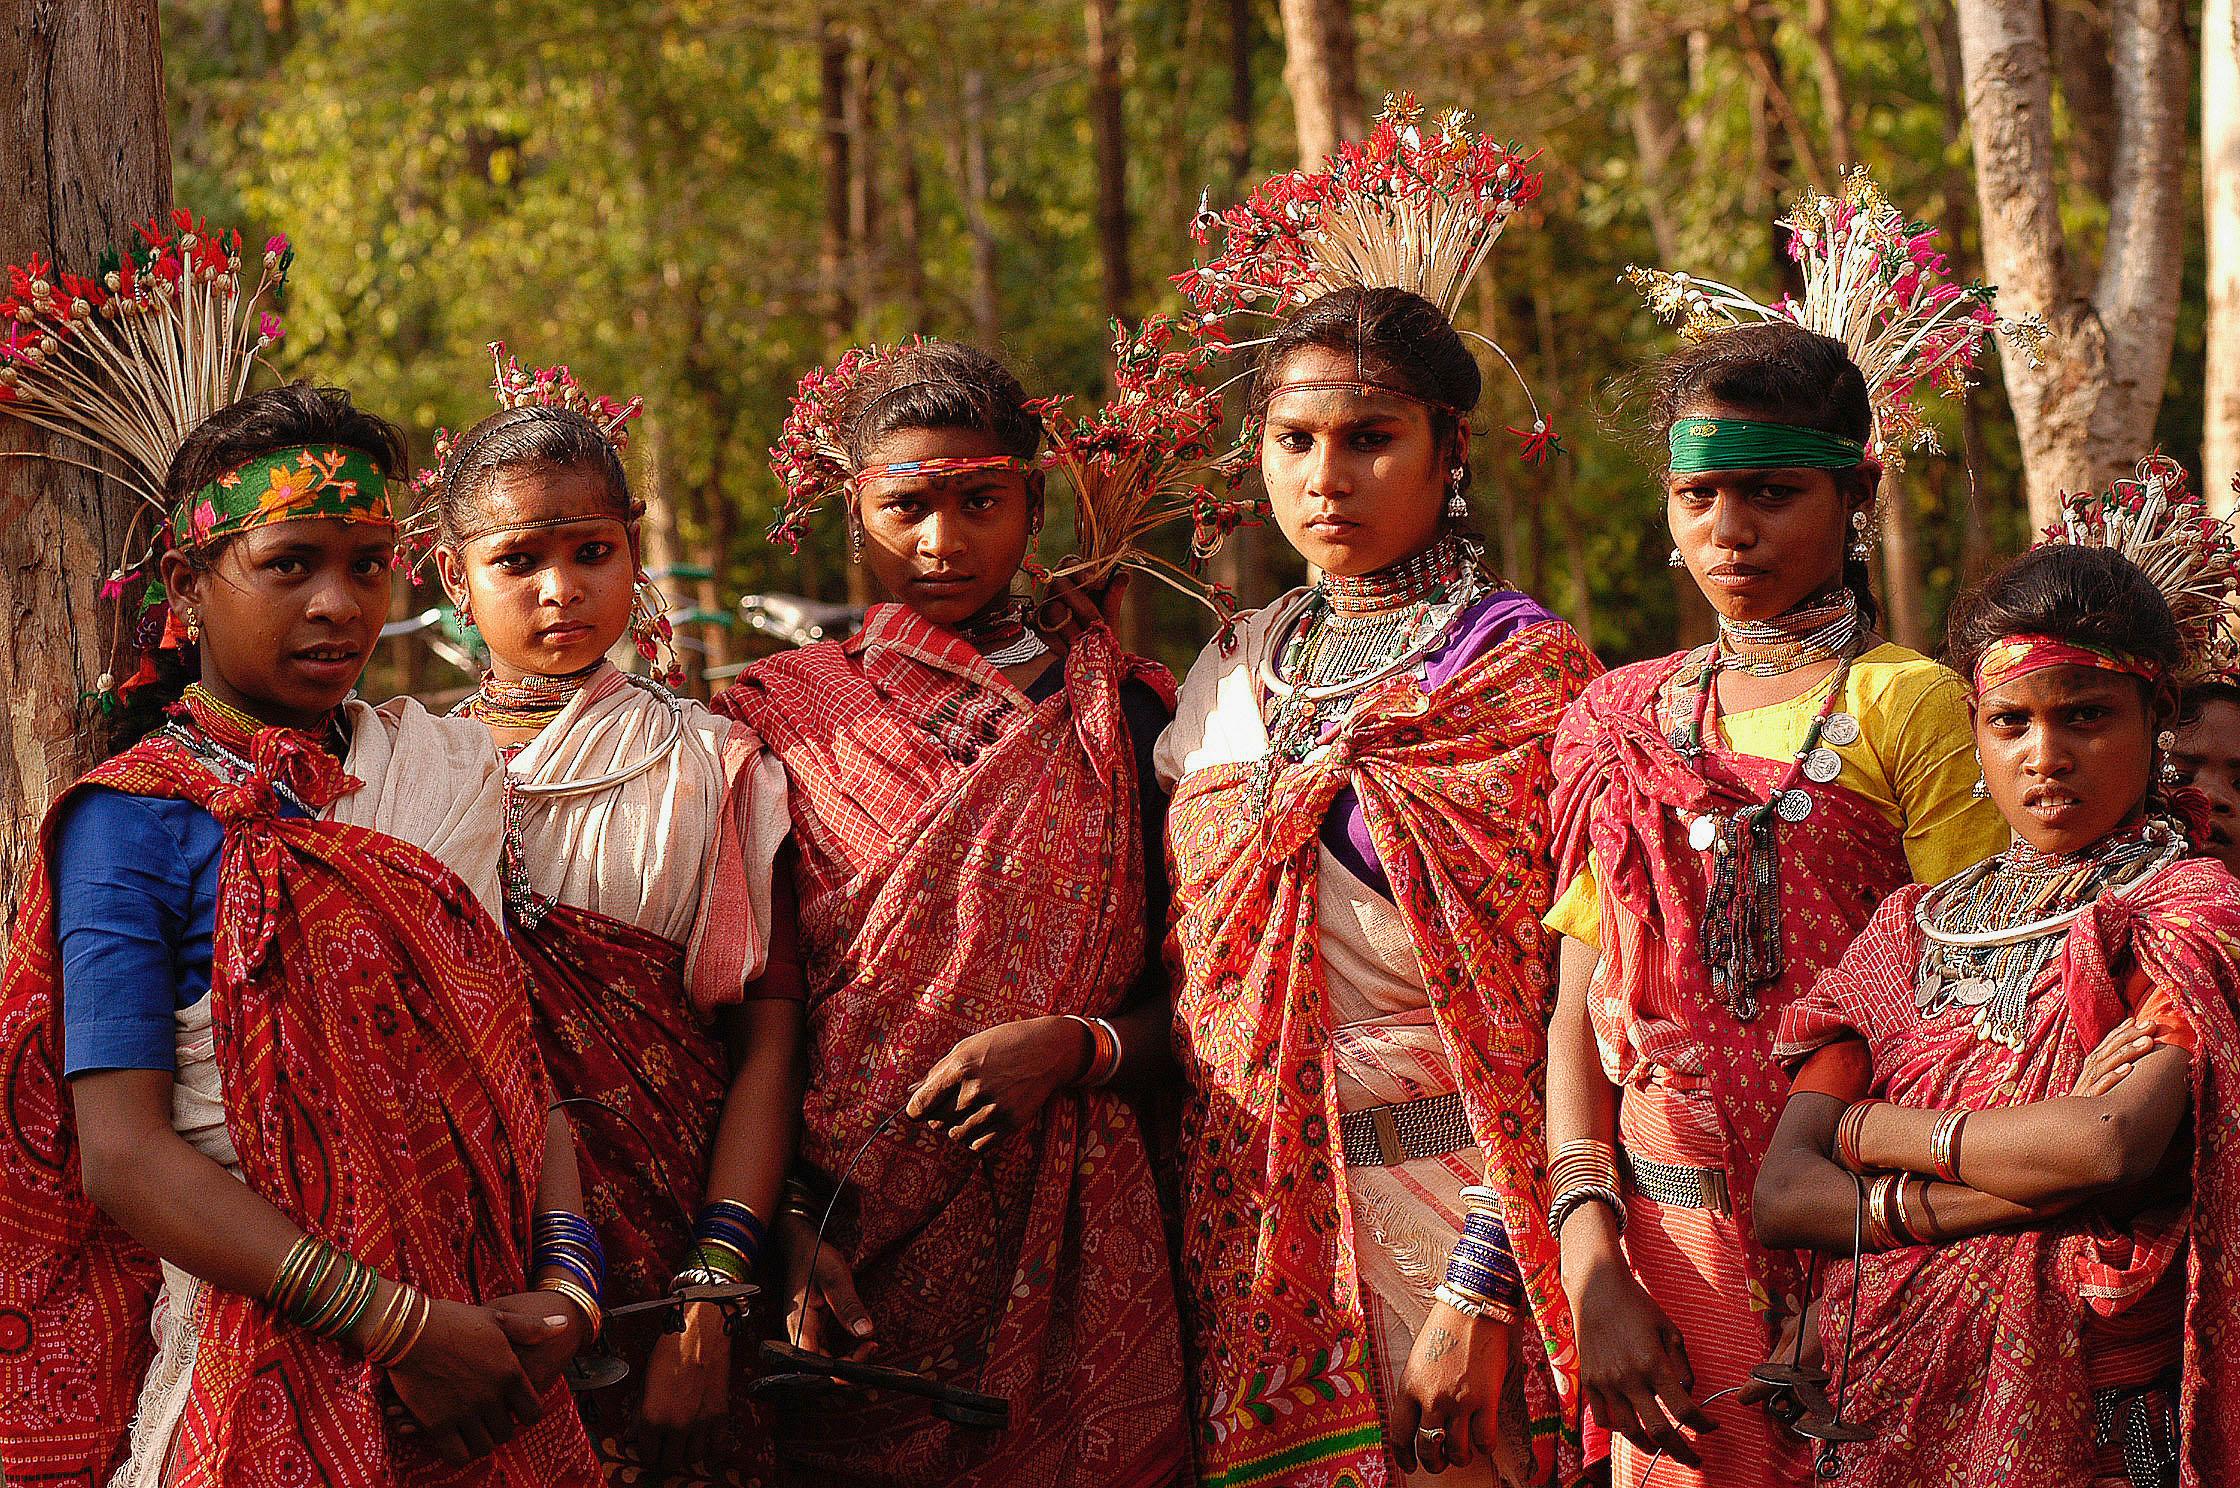 Young_Baiga_women,_India